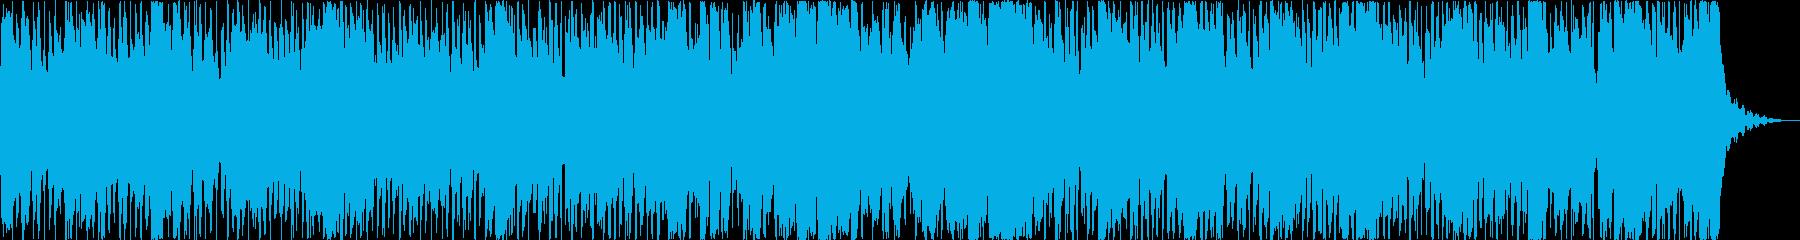 エネルギッシュでハッピーゴーラッキ...の再生済みの波形